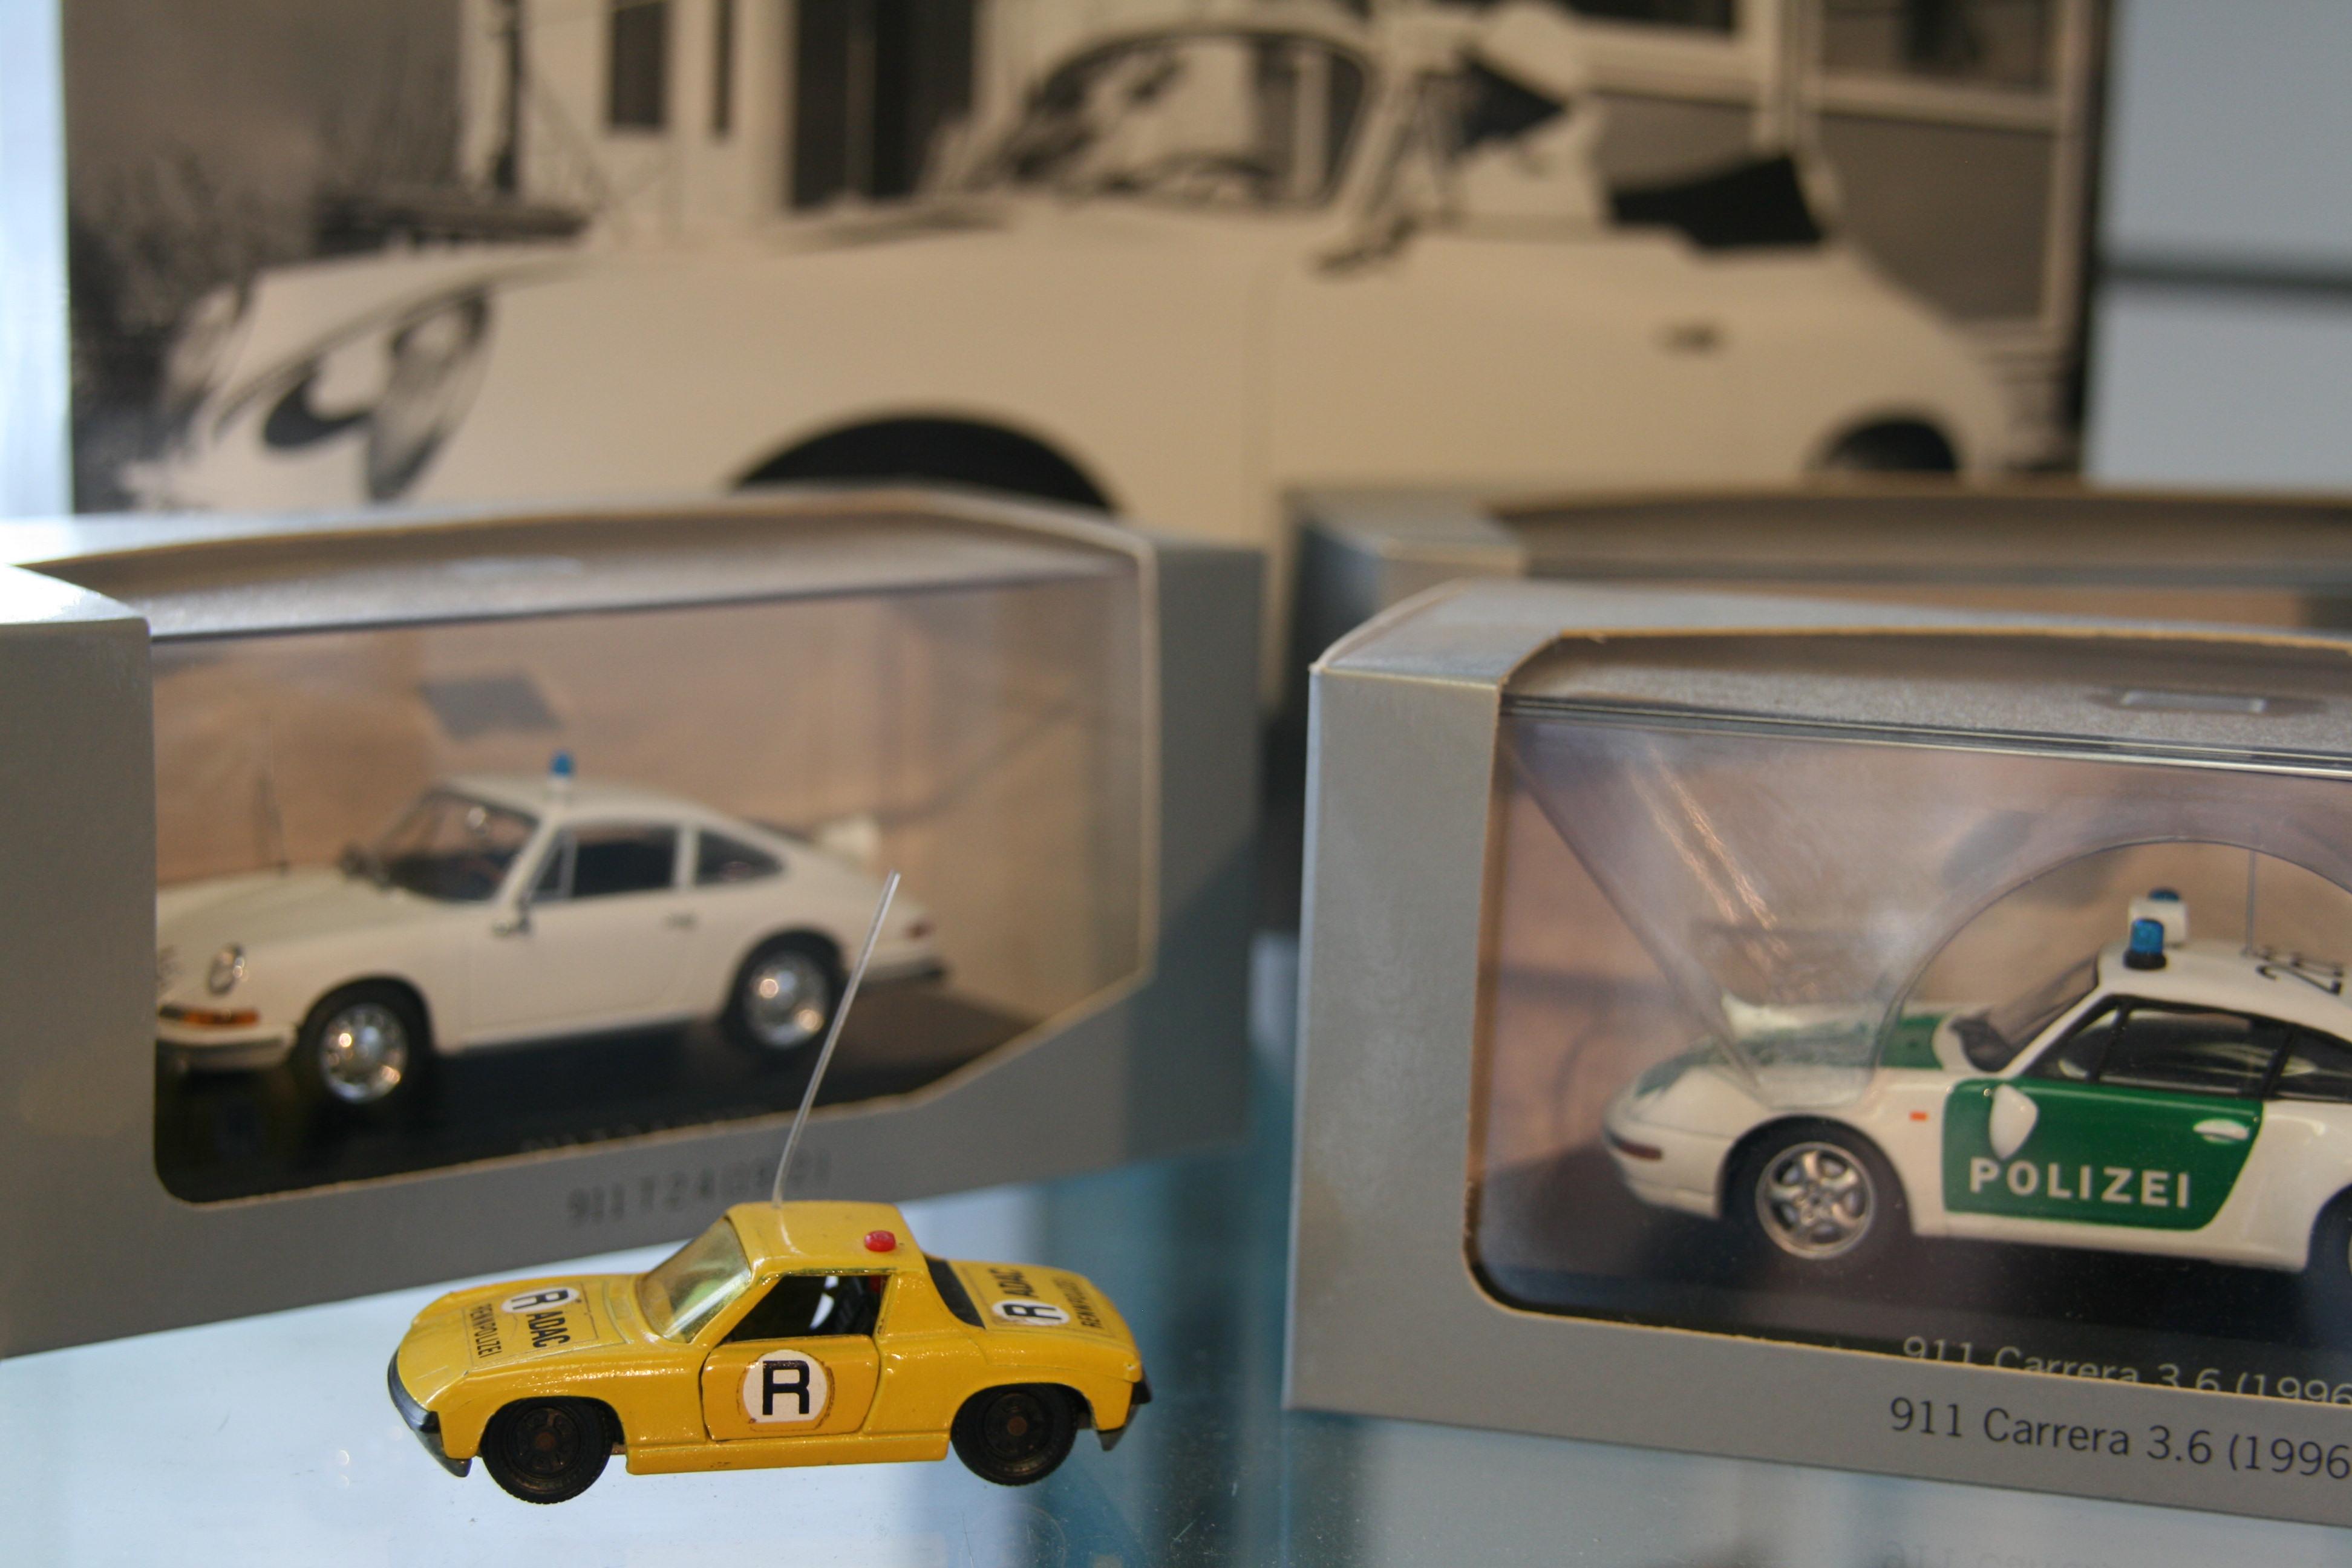 Das Modell, das Erinnerungen weckt: der gelbe Porsche 914 im ADAC-Lack